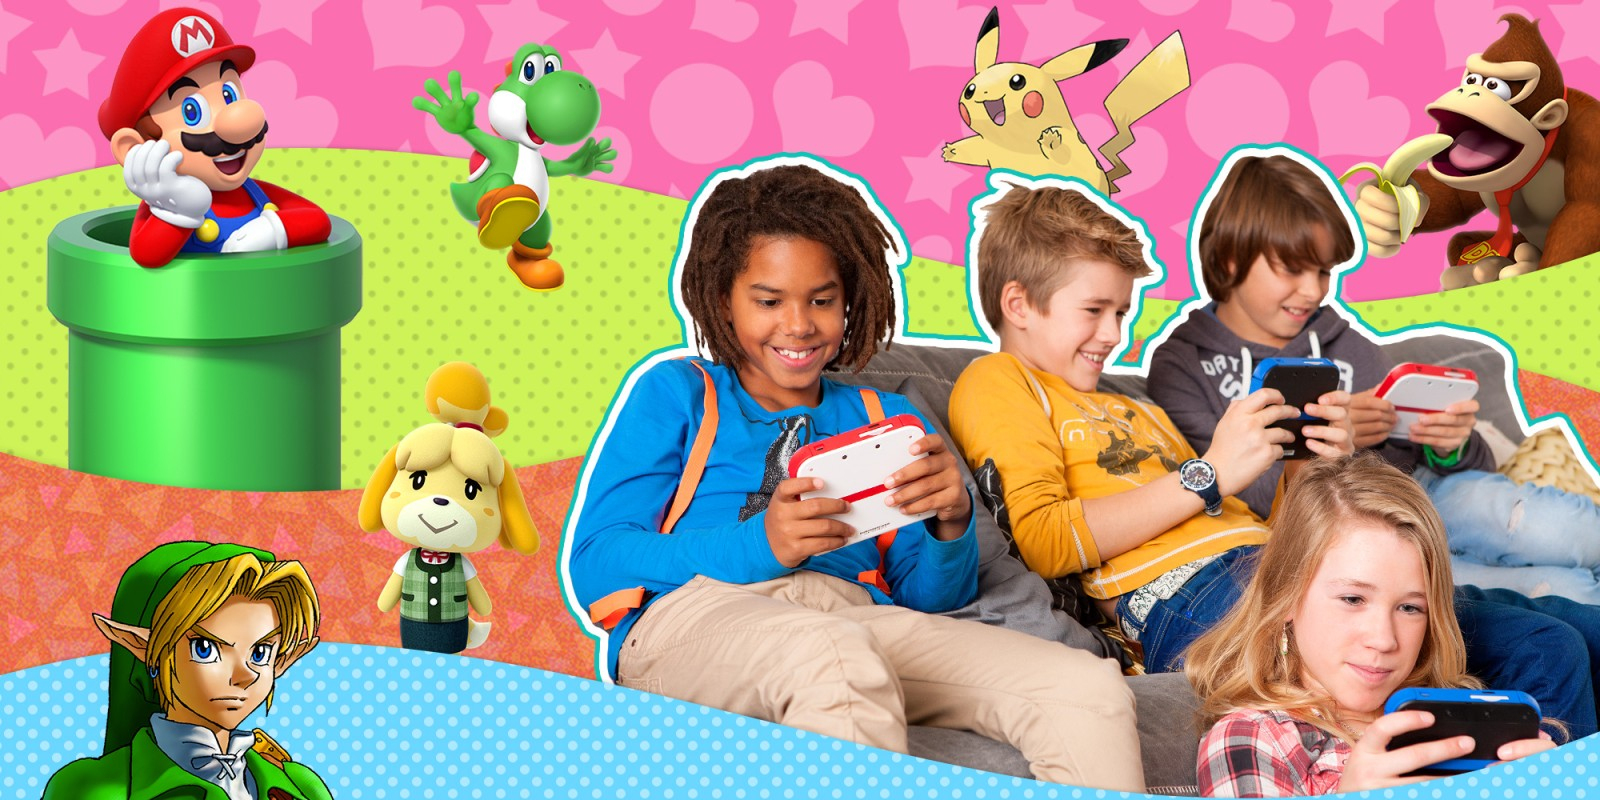 Jeux Nintendo Pour Les Enfants | Nintendo dedans Jeux De Fille De 10 Ans Gratuit